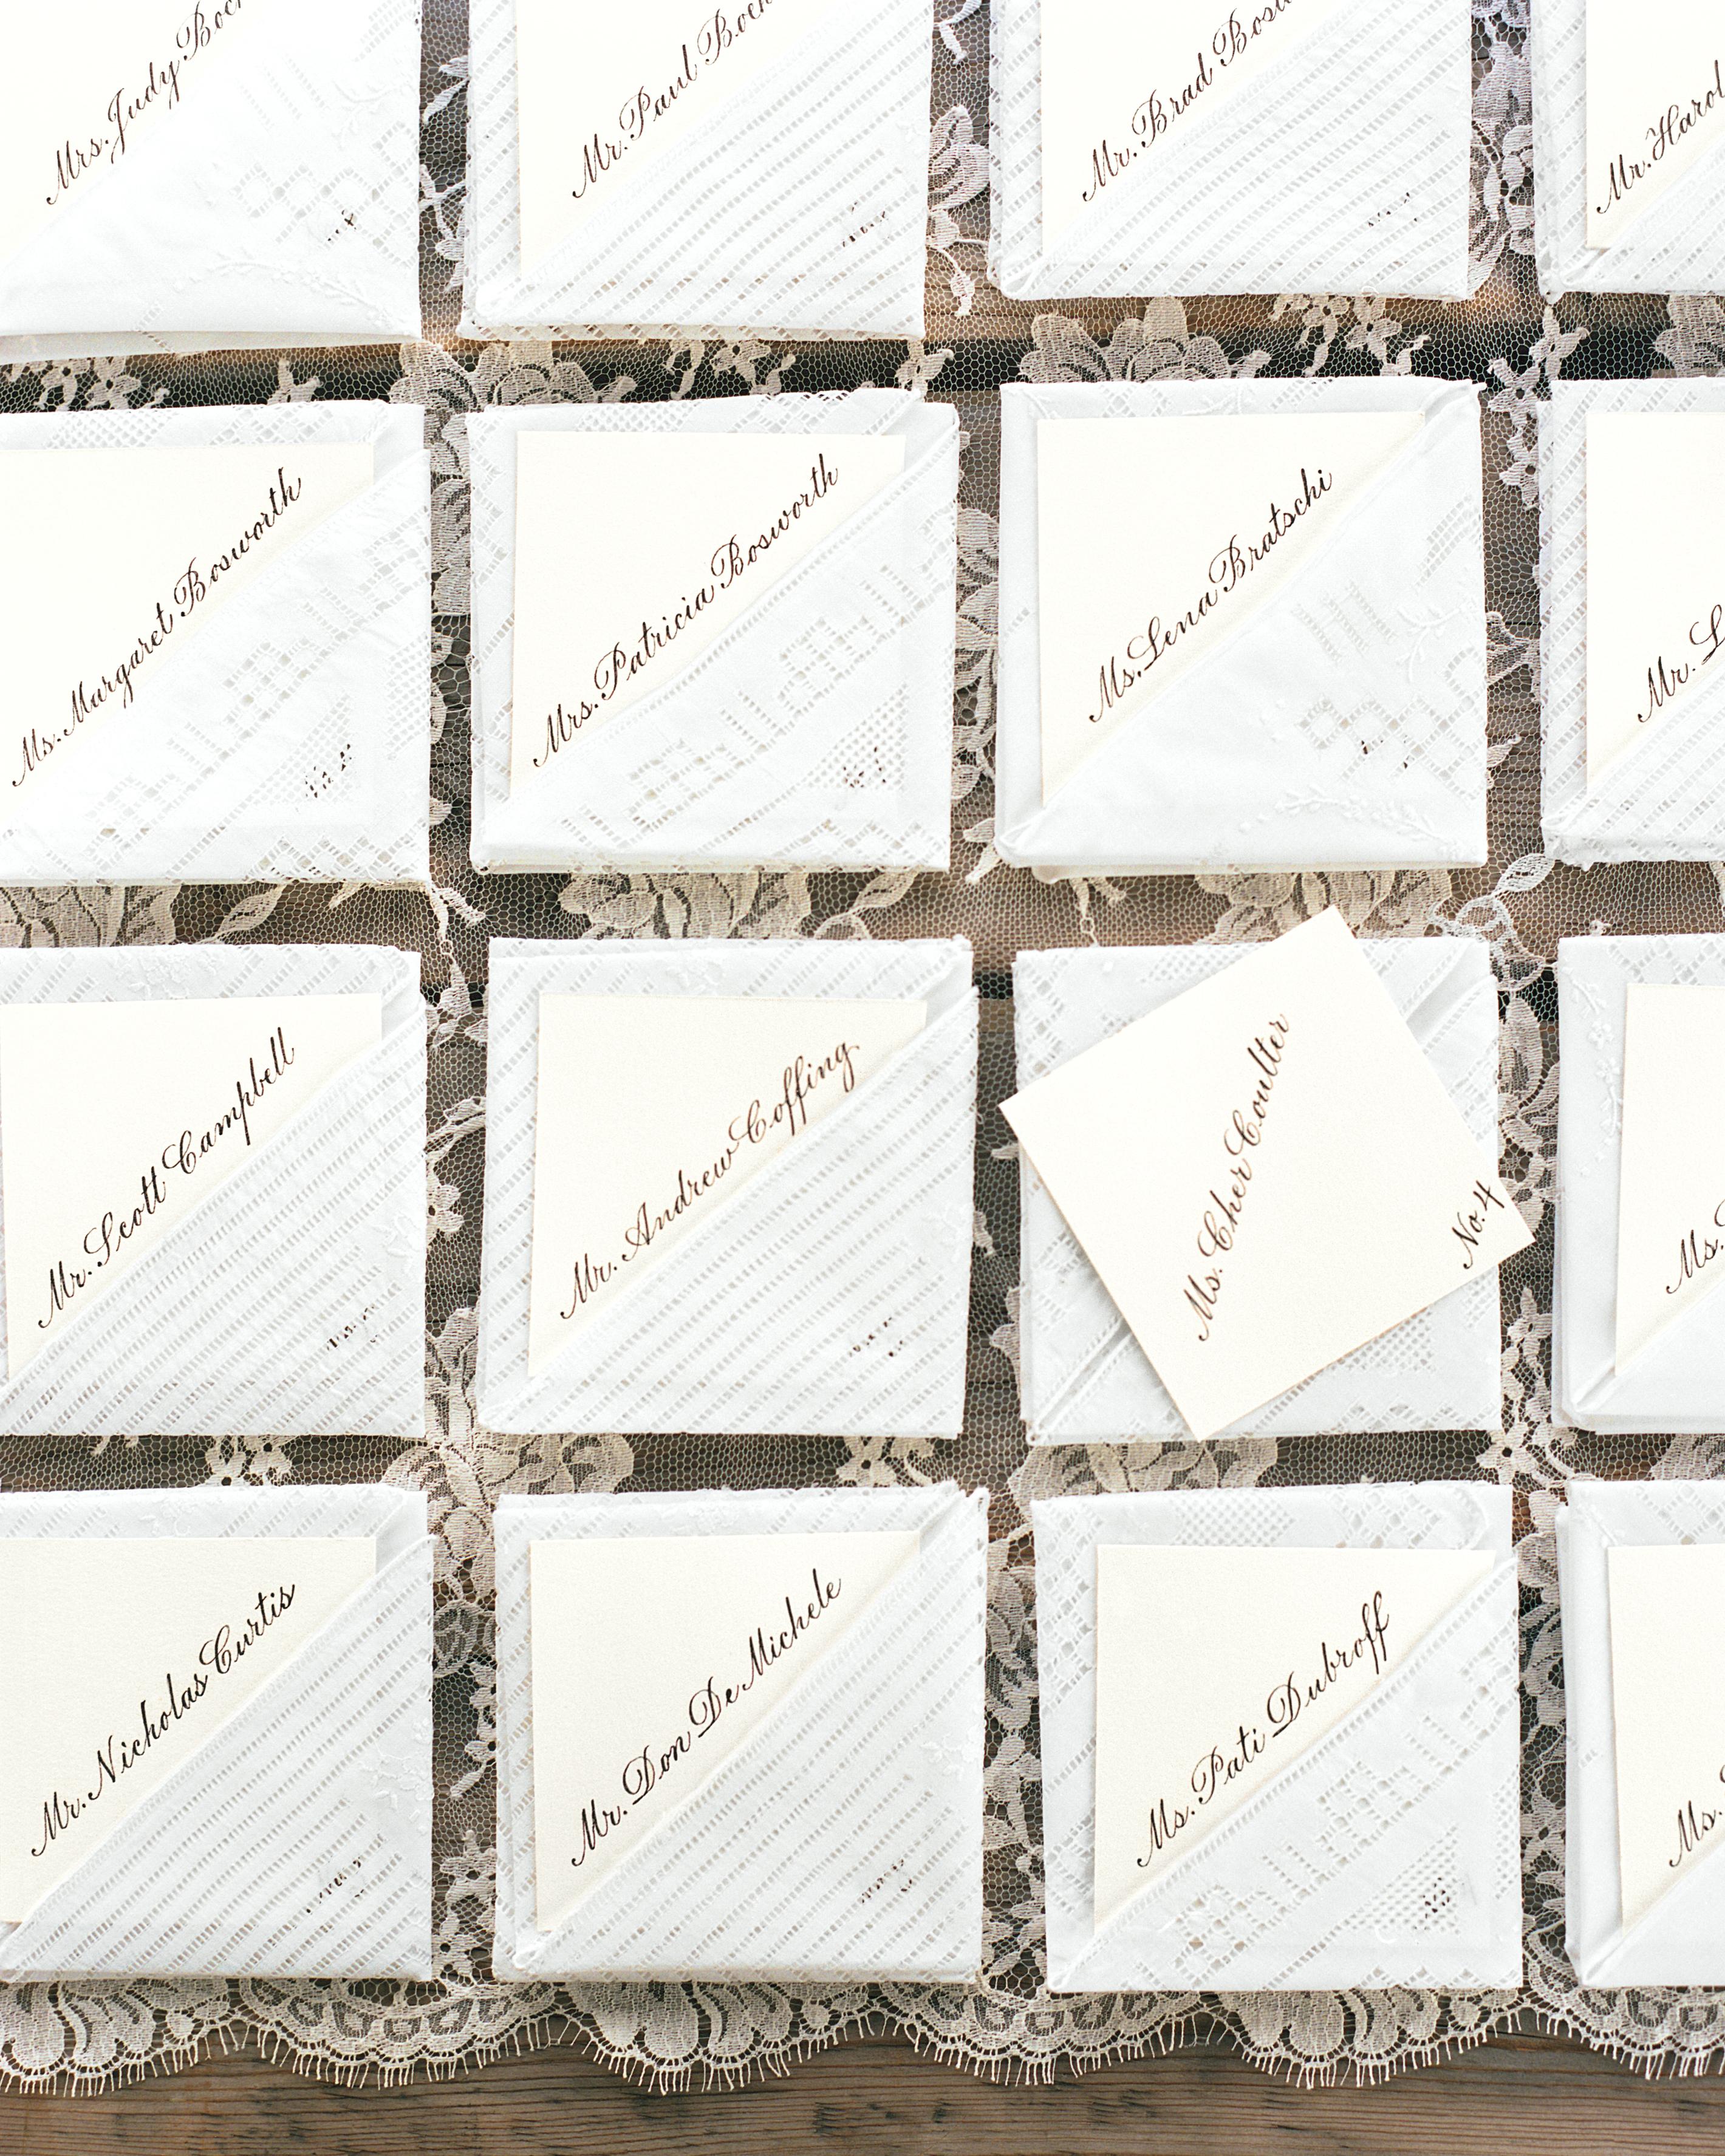 kate-michael-escort-cards-05-16n-mwd110537.jpg